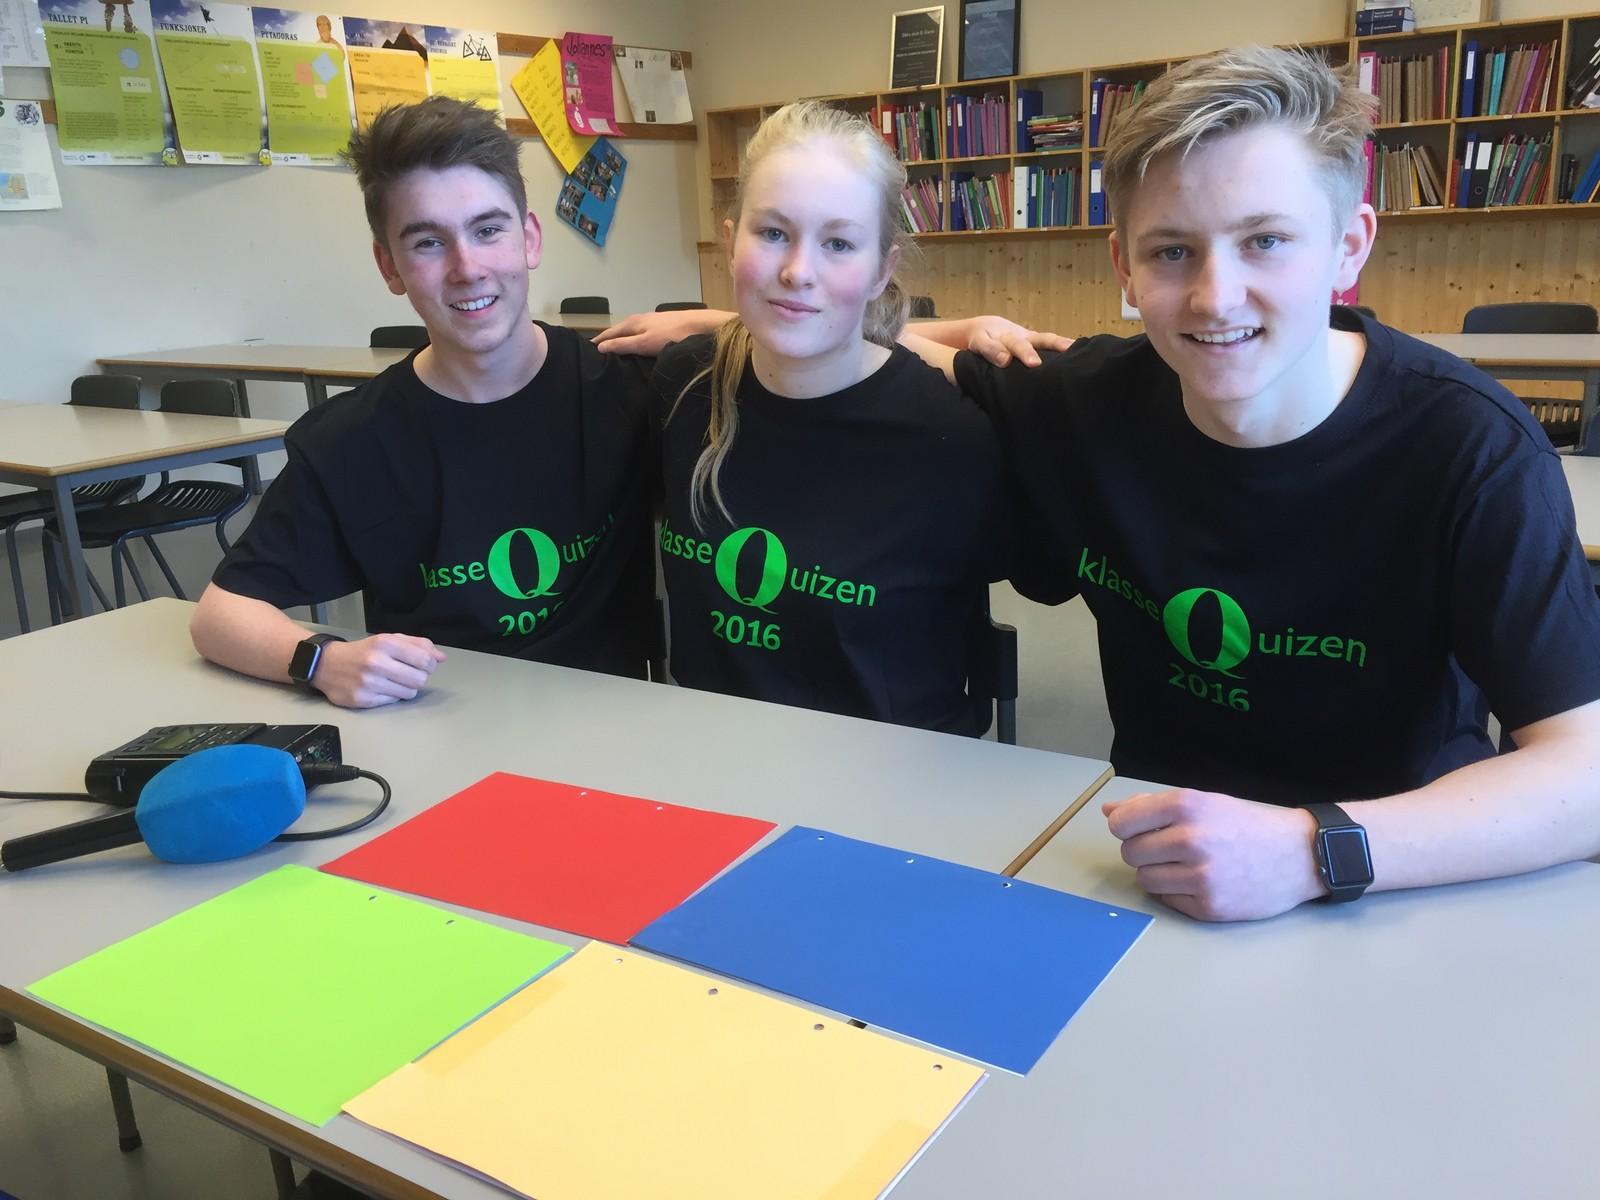 Morten Eide, Maria Lill Garvik og Elias Rying ved Slidre skule fikk ni poeng